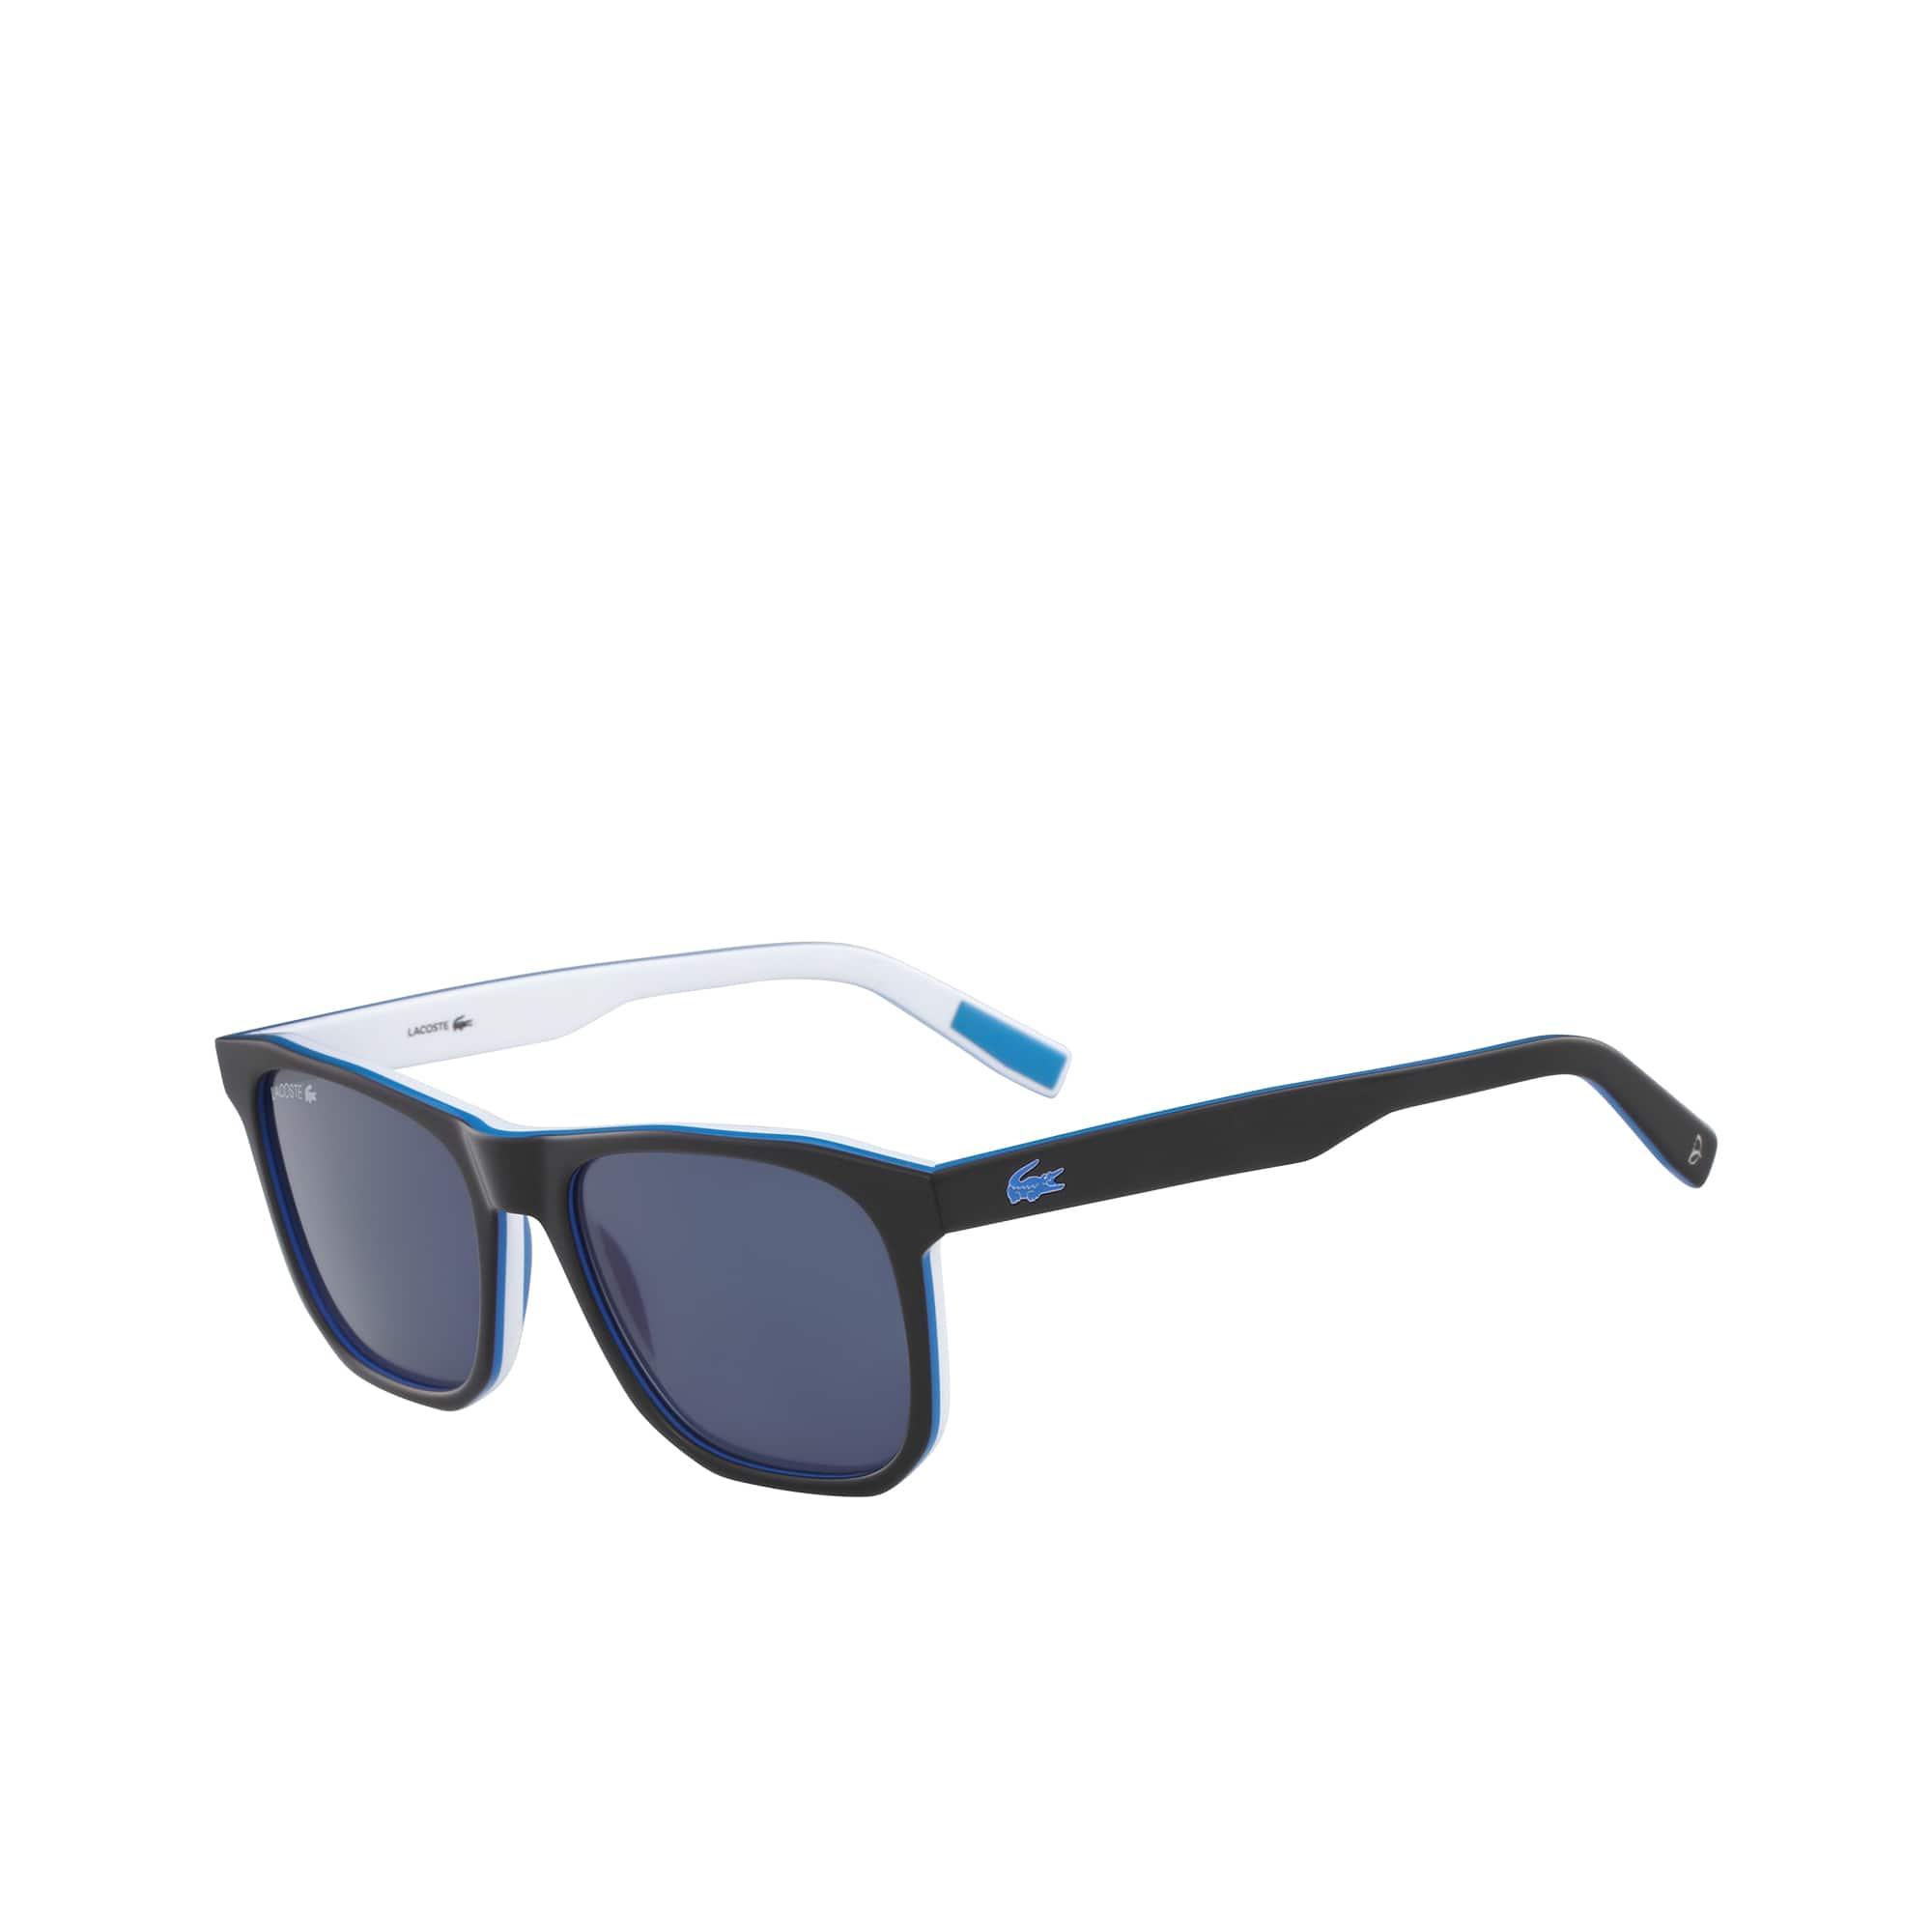 Óculos de sol para homem Stripes & Piping LT12 com armação de acetato